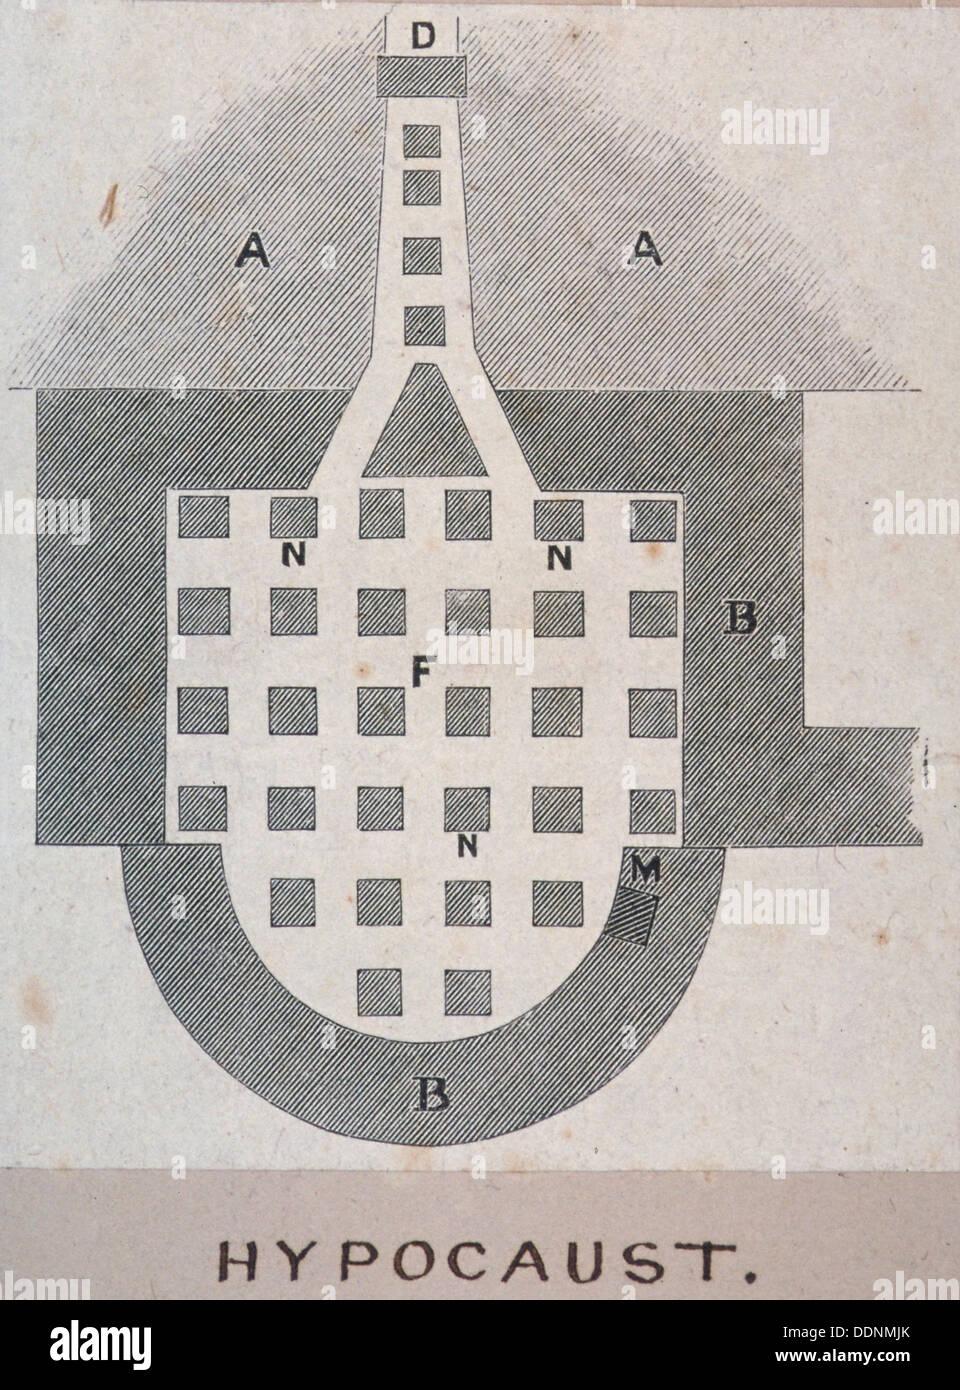 Plan de un hypocaust romana encontrada en el sitio de intercambio del carbón, de la ciudad de Londres, 1848. Artista: FW Fairholt Imagen De Stock